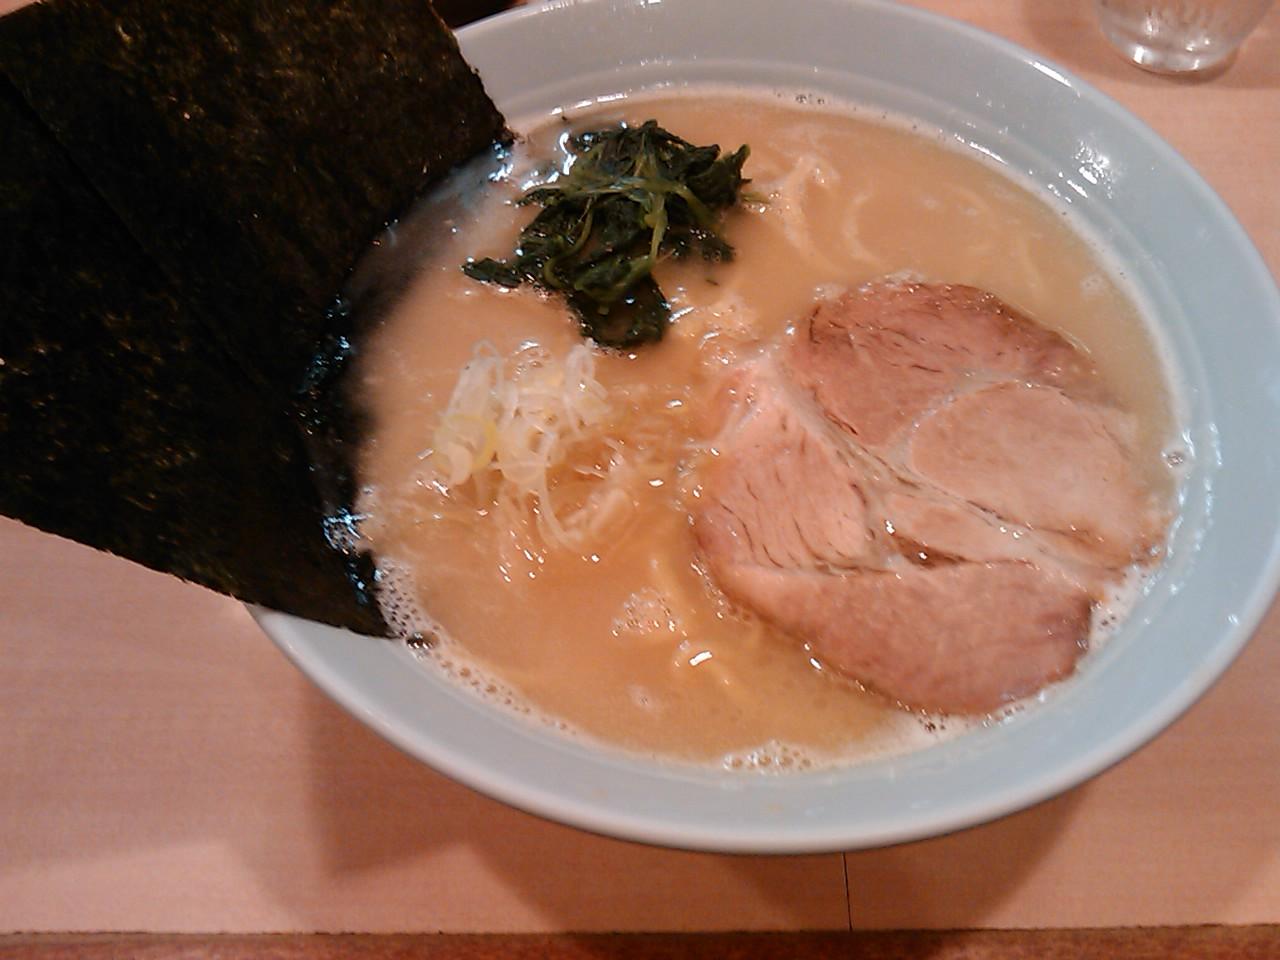 らあめん工房 雪濃湯 牛骨 元味 680円<br> この濃厚なスープは好みを左右する感じもあるが、自分的にはなかなか気に入った感じがする。